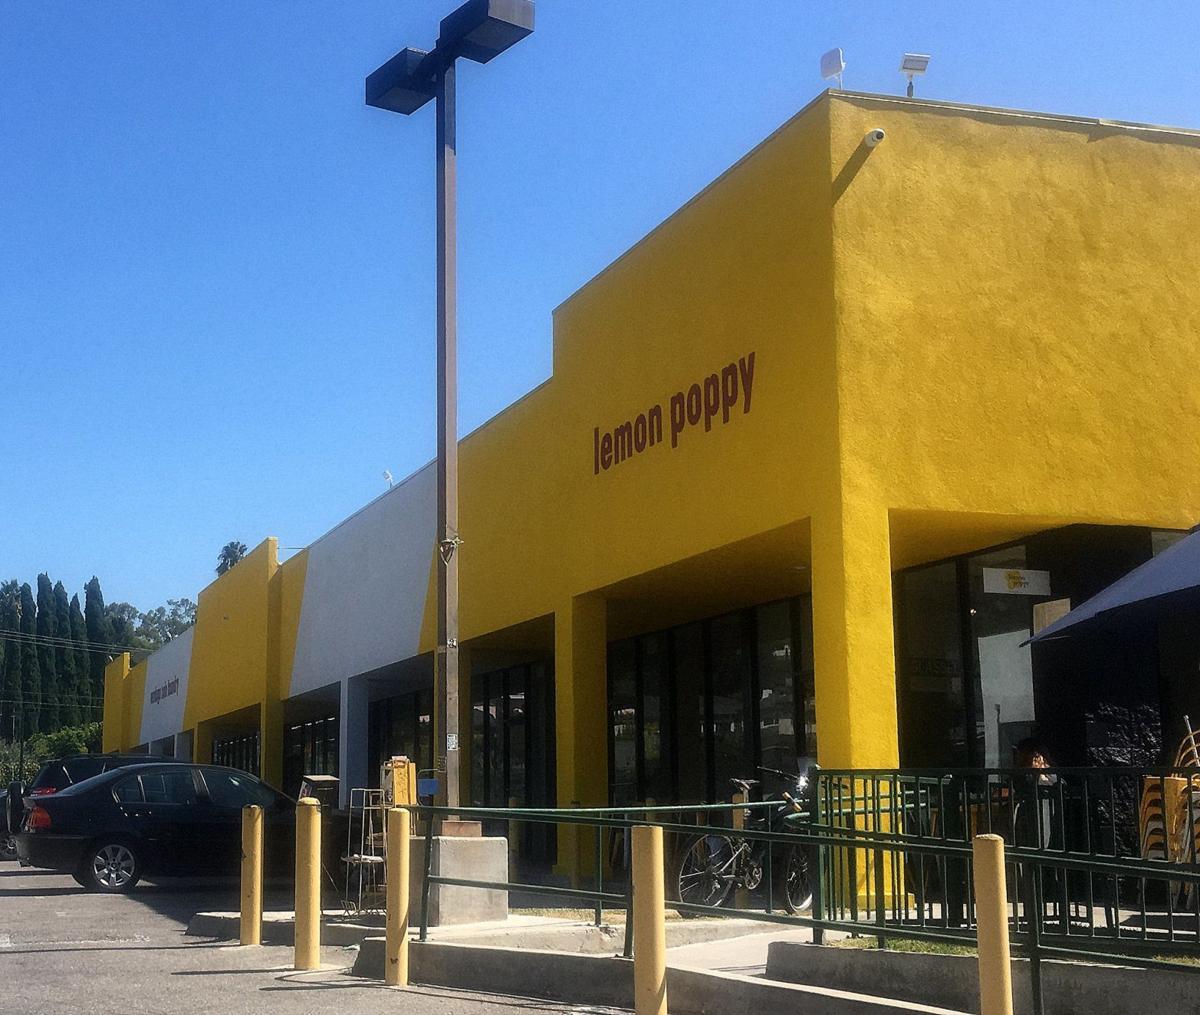 Verdugo Plaza Lemon Poppy